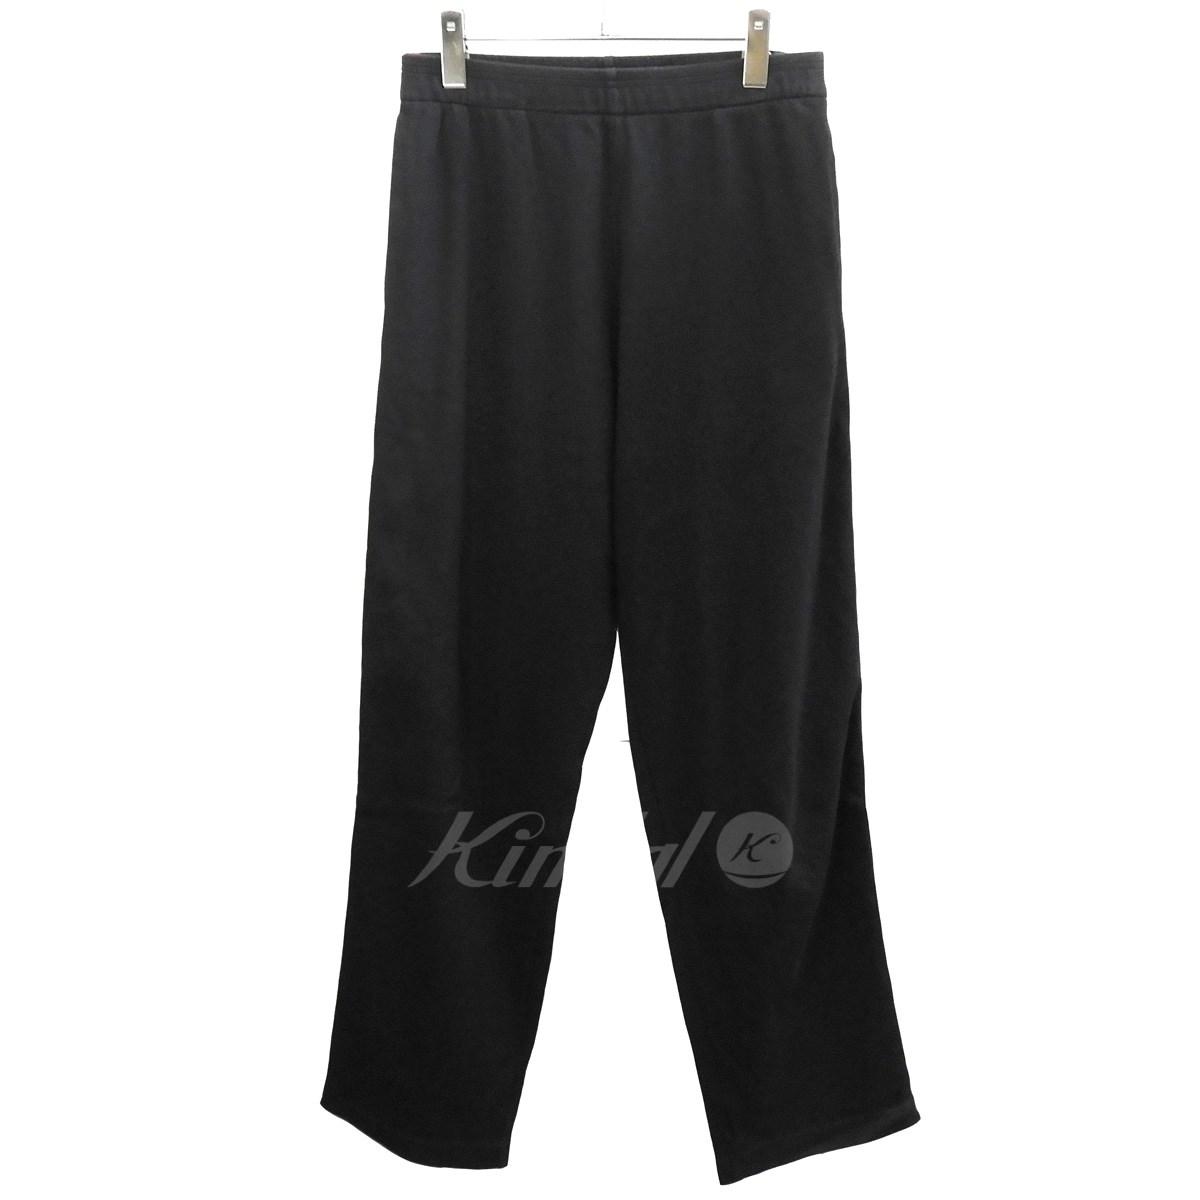 【中古】Y's for men サイドラインスウェットパンツ ブラック×レッド サイズ:3 【送料無料】 【040319】(ワイズフォーメン)